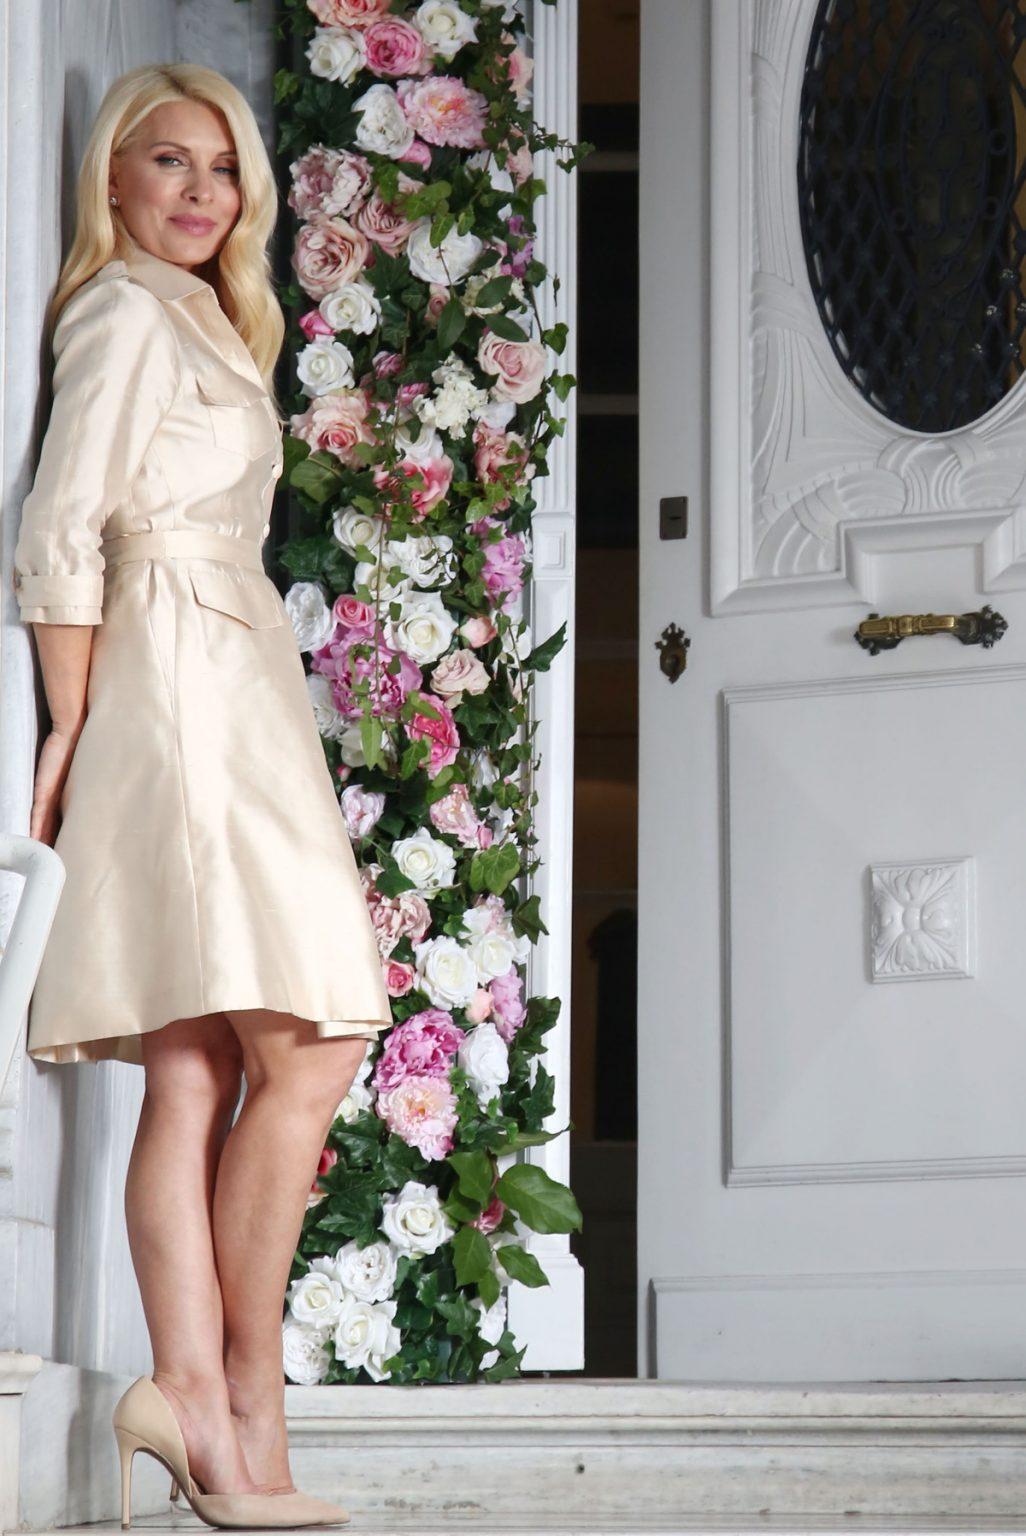 Ρούχα Ελένης Μενεγάκη: Το φόρεμα της Σήλιας Κριθαριώτη που φόρεσε.